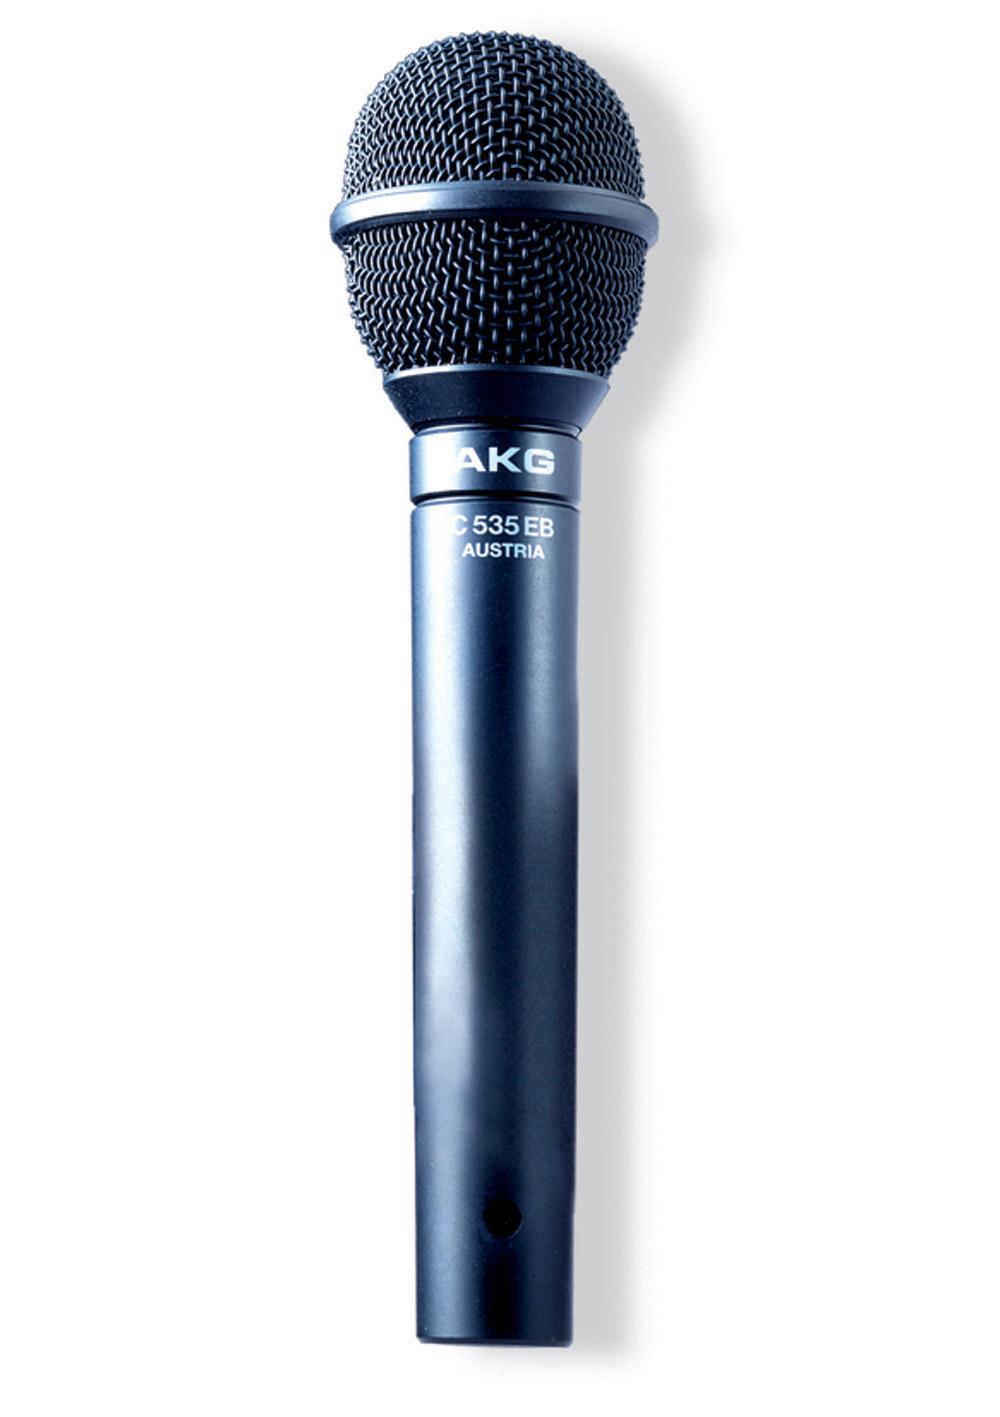 Powieksz do pelnego rozmiaru AKG C 535 EB, C 535-EB, C-535 EB, C 535 EB, C-535-EB, C-535EB, C535EB, C535 EB, C535-EB, mikrofon ręczny, mikrofon przewodowy, mikrofon pojemnościowy, mikrofon kardioidalny, mikrofon wokalowy, mikrofon estradowy, mikrofon studyjny, mikrofon instrumentalny